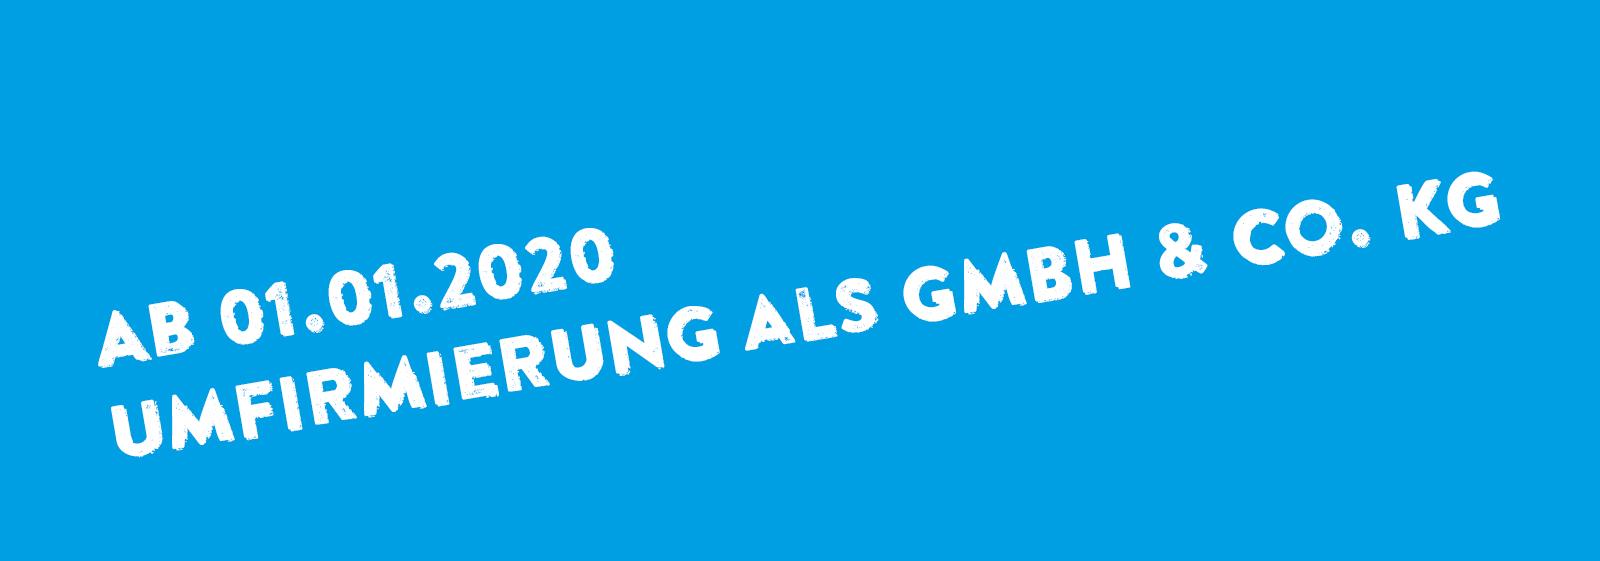 Ab 01.01.2020 - Umfirmierung in GmbH & Co.KG